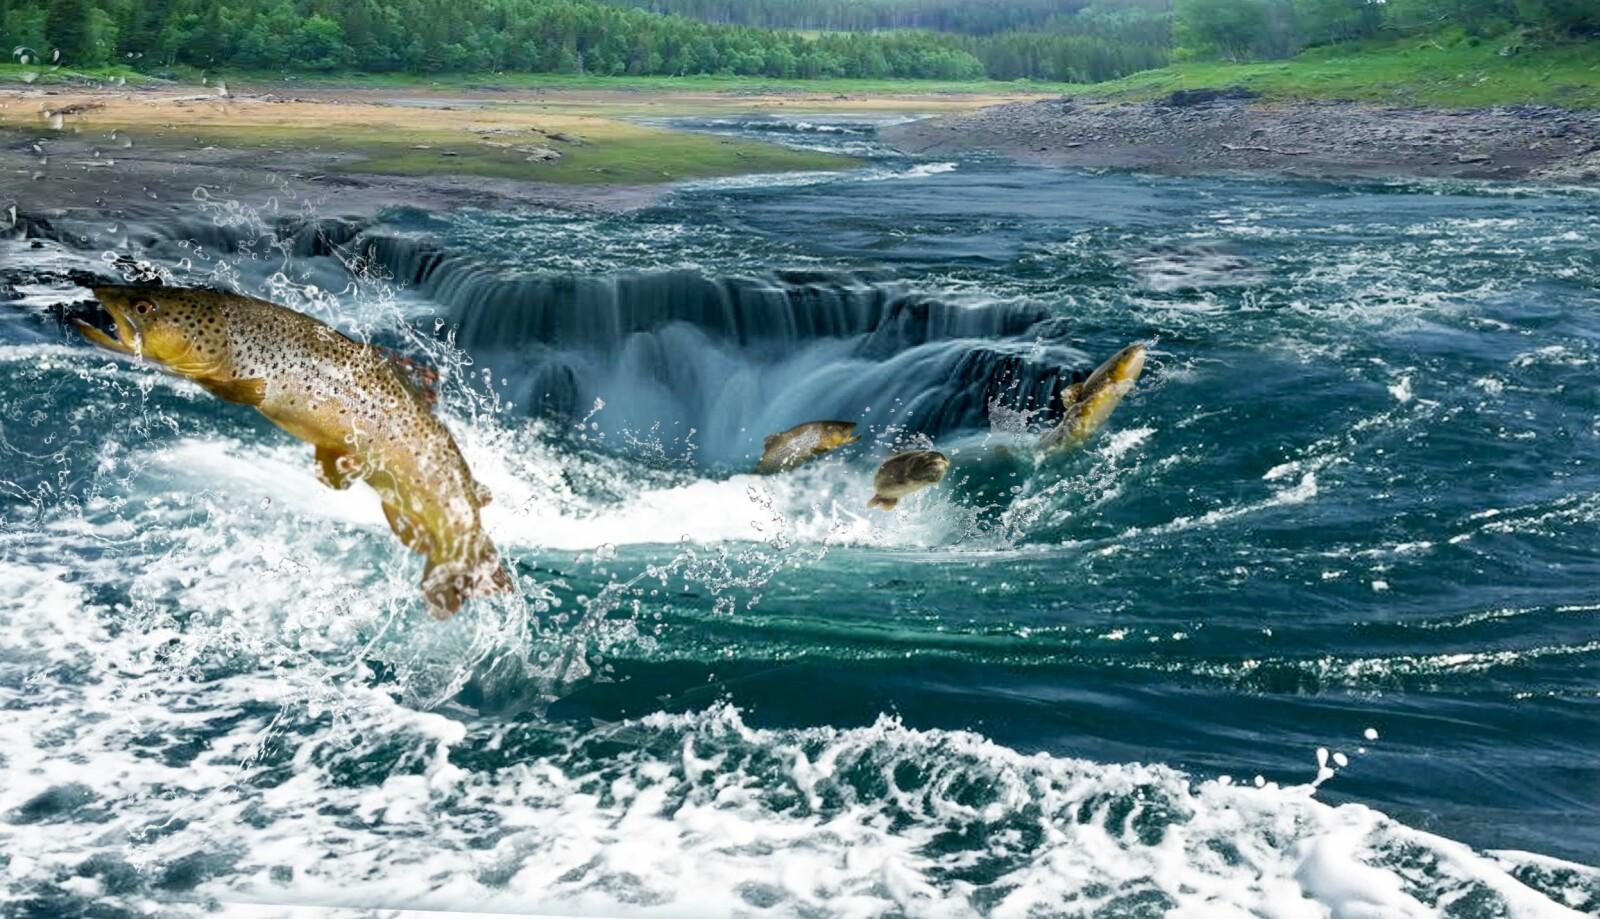 <b>SOM ET BADEKAR:</b> Ved jevne mellomrom forsvinner alt vannet i Engavatnet. Det er som om noen har trekt ut proppen i badekaret.